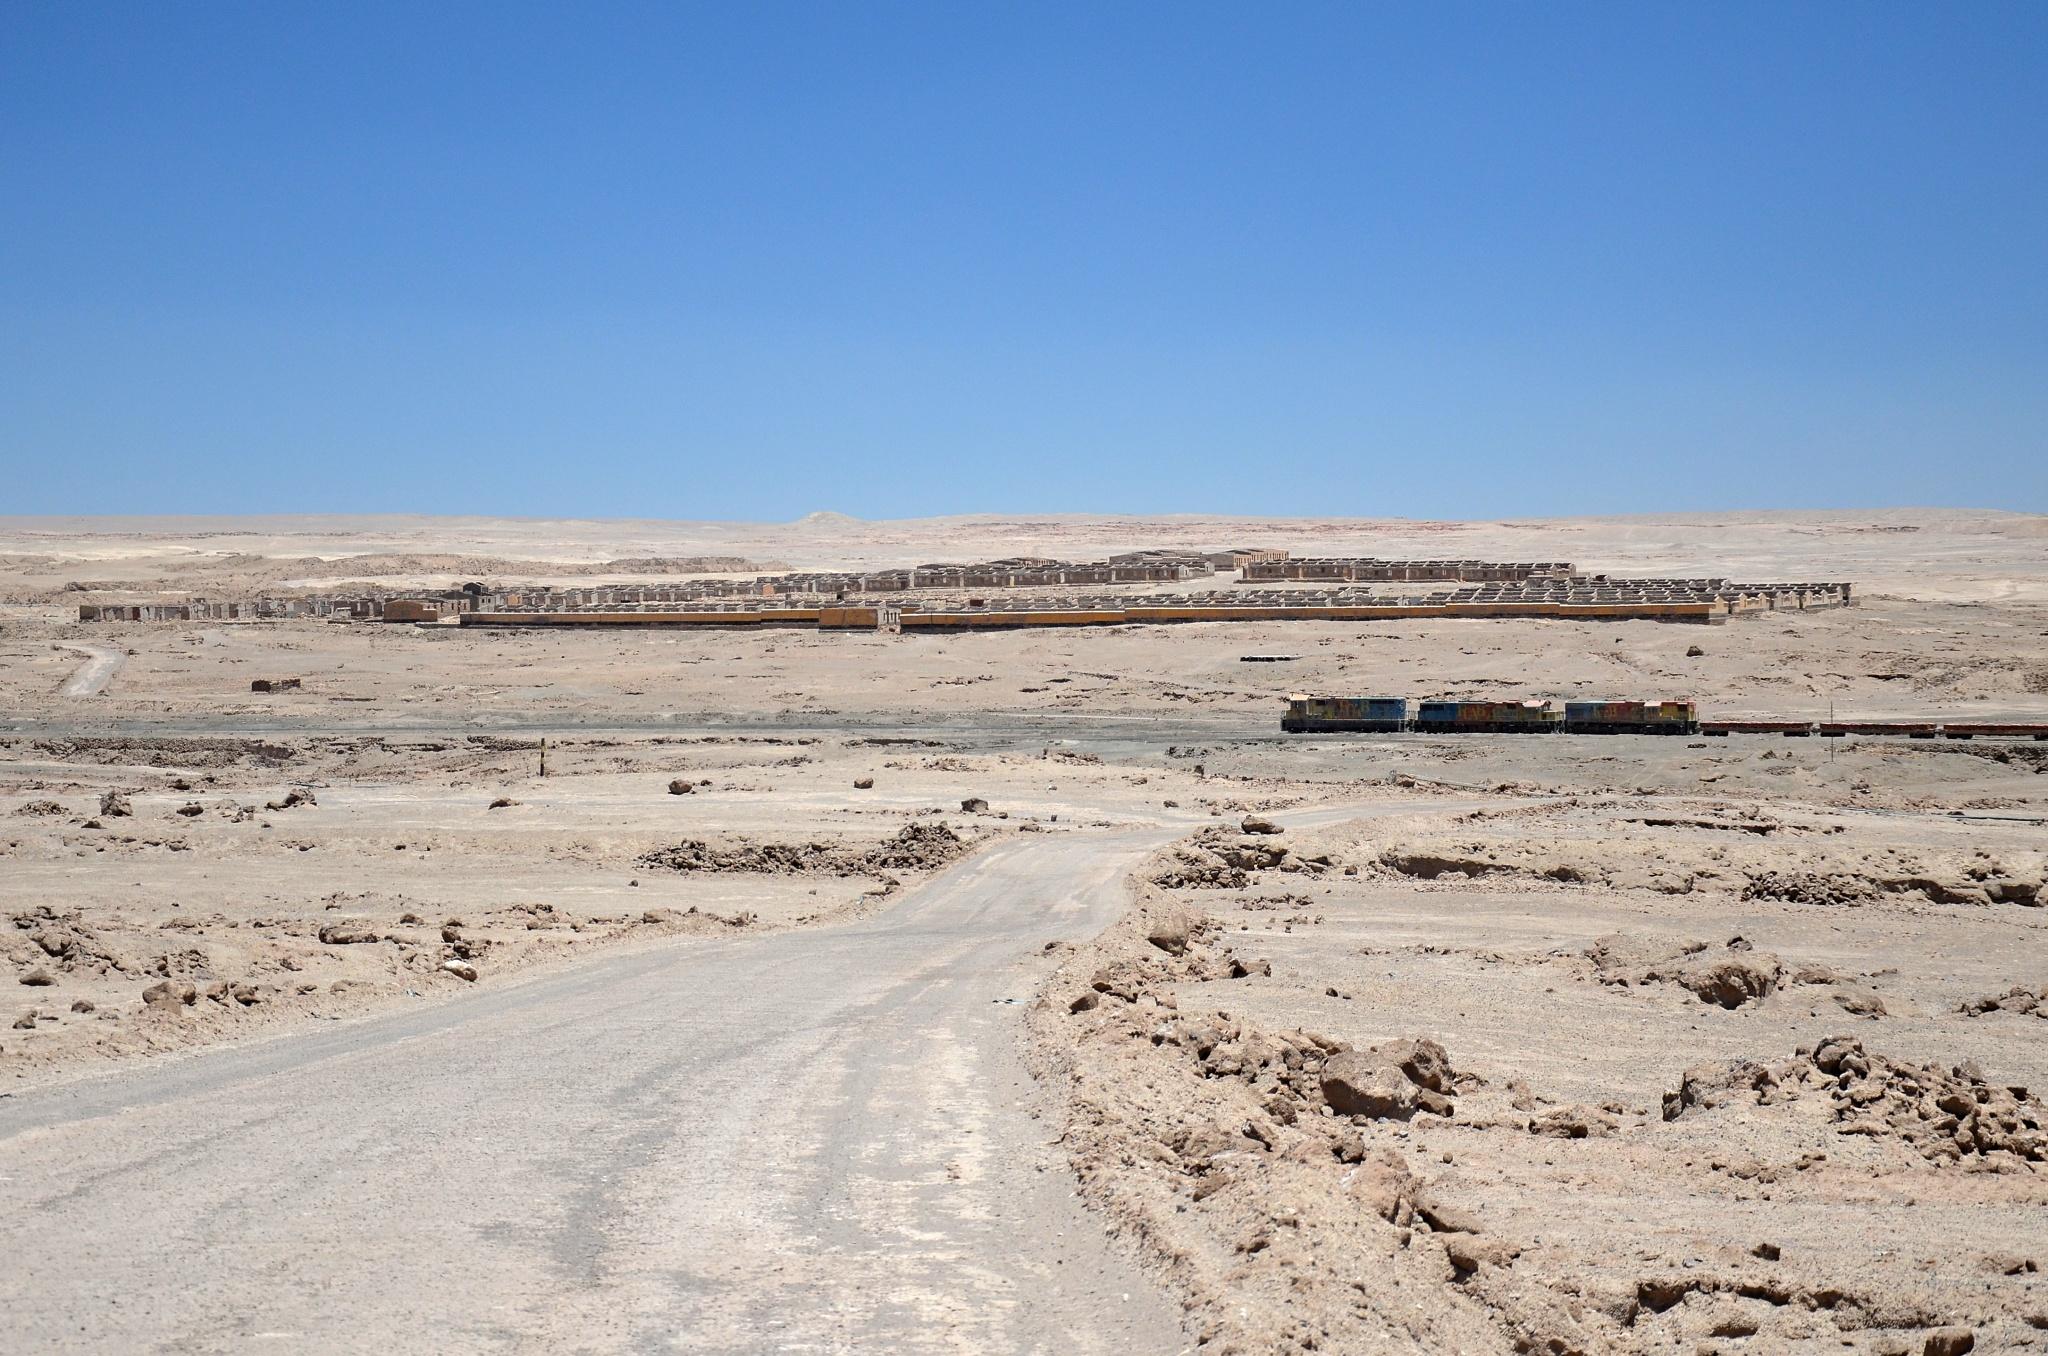 Továrna na zpracování ledku Francesco Puelma a u ní dlouhý vlak